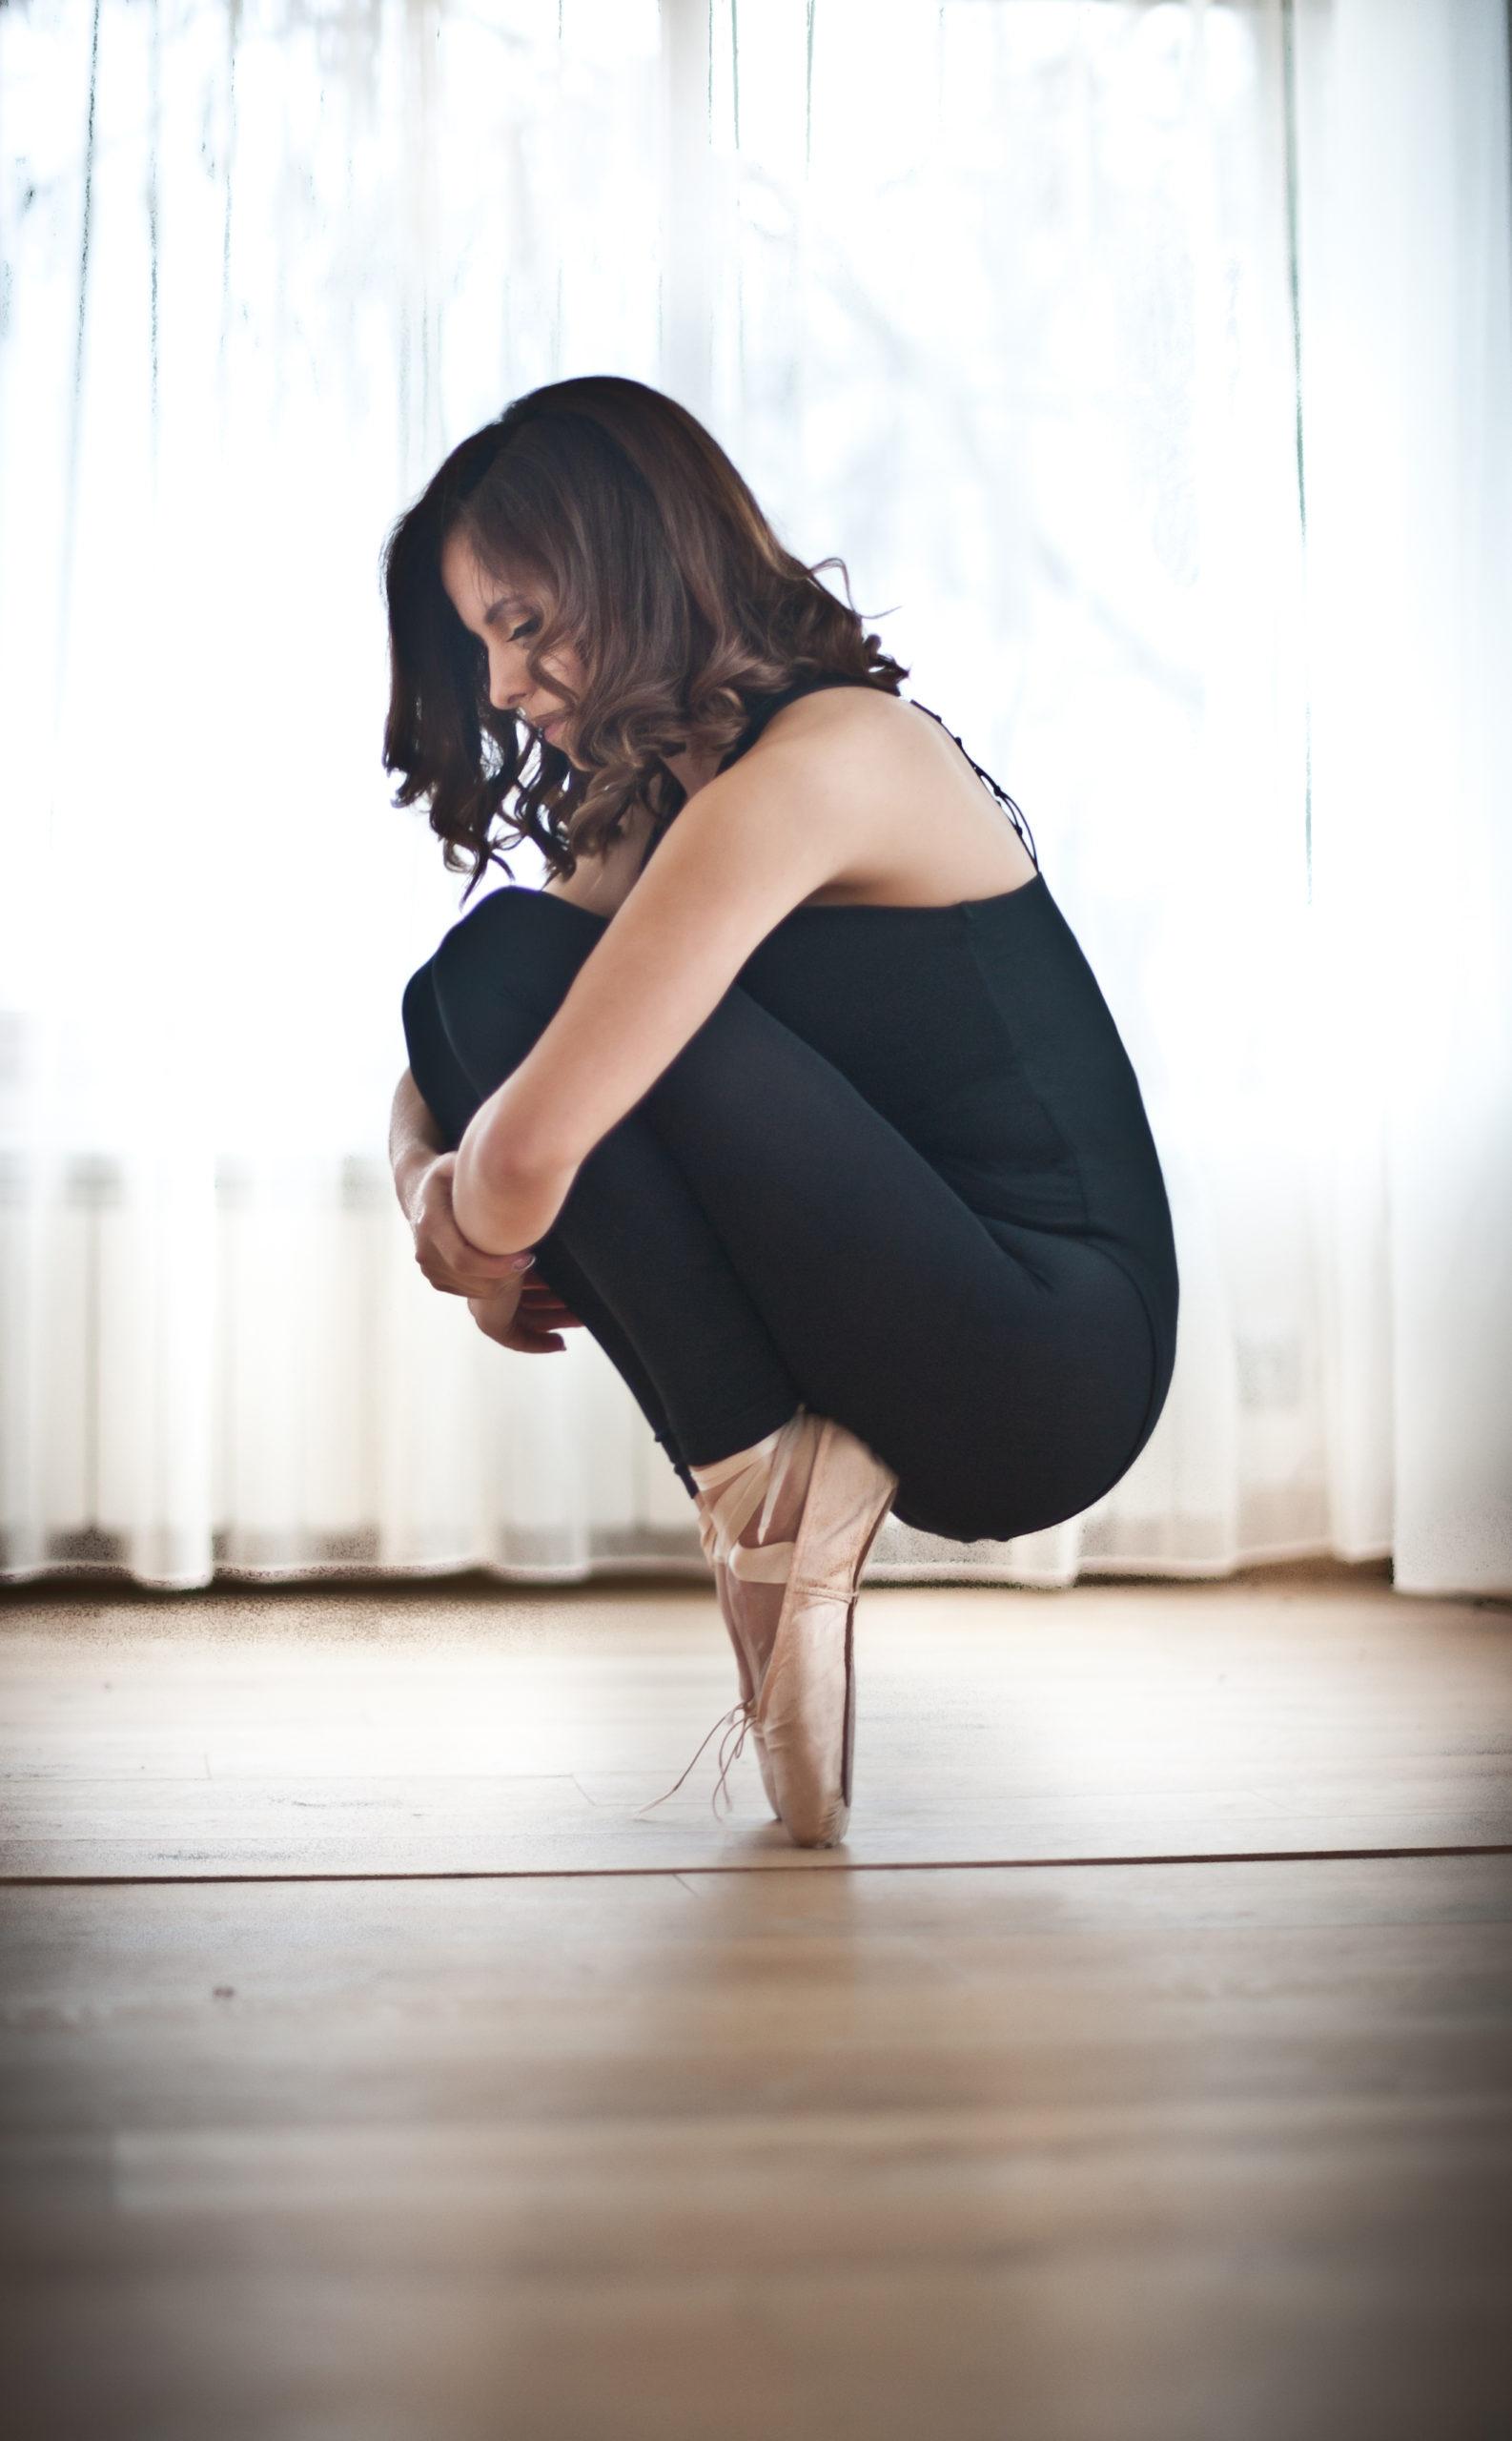 Eine Frau befindet sich in der Hocke, auf den Spitzen ihre Spitzenschuhe balancierend. Sie hat die Arme um die Beine geschlungen.